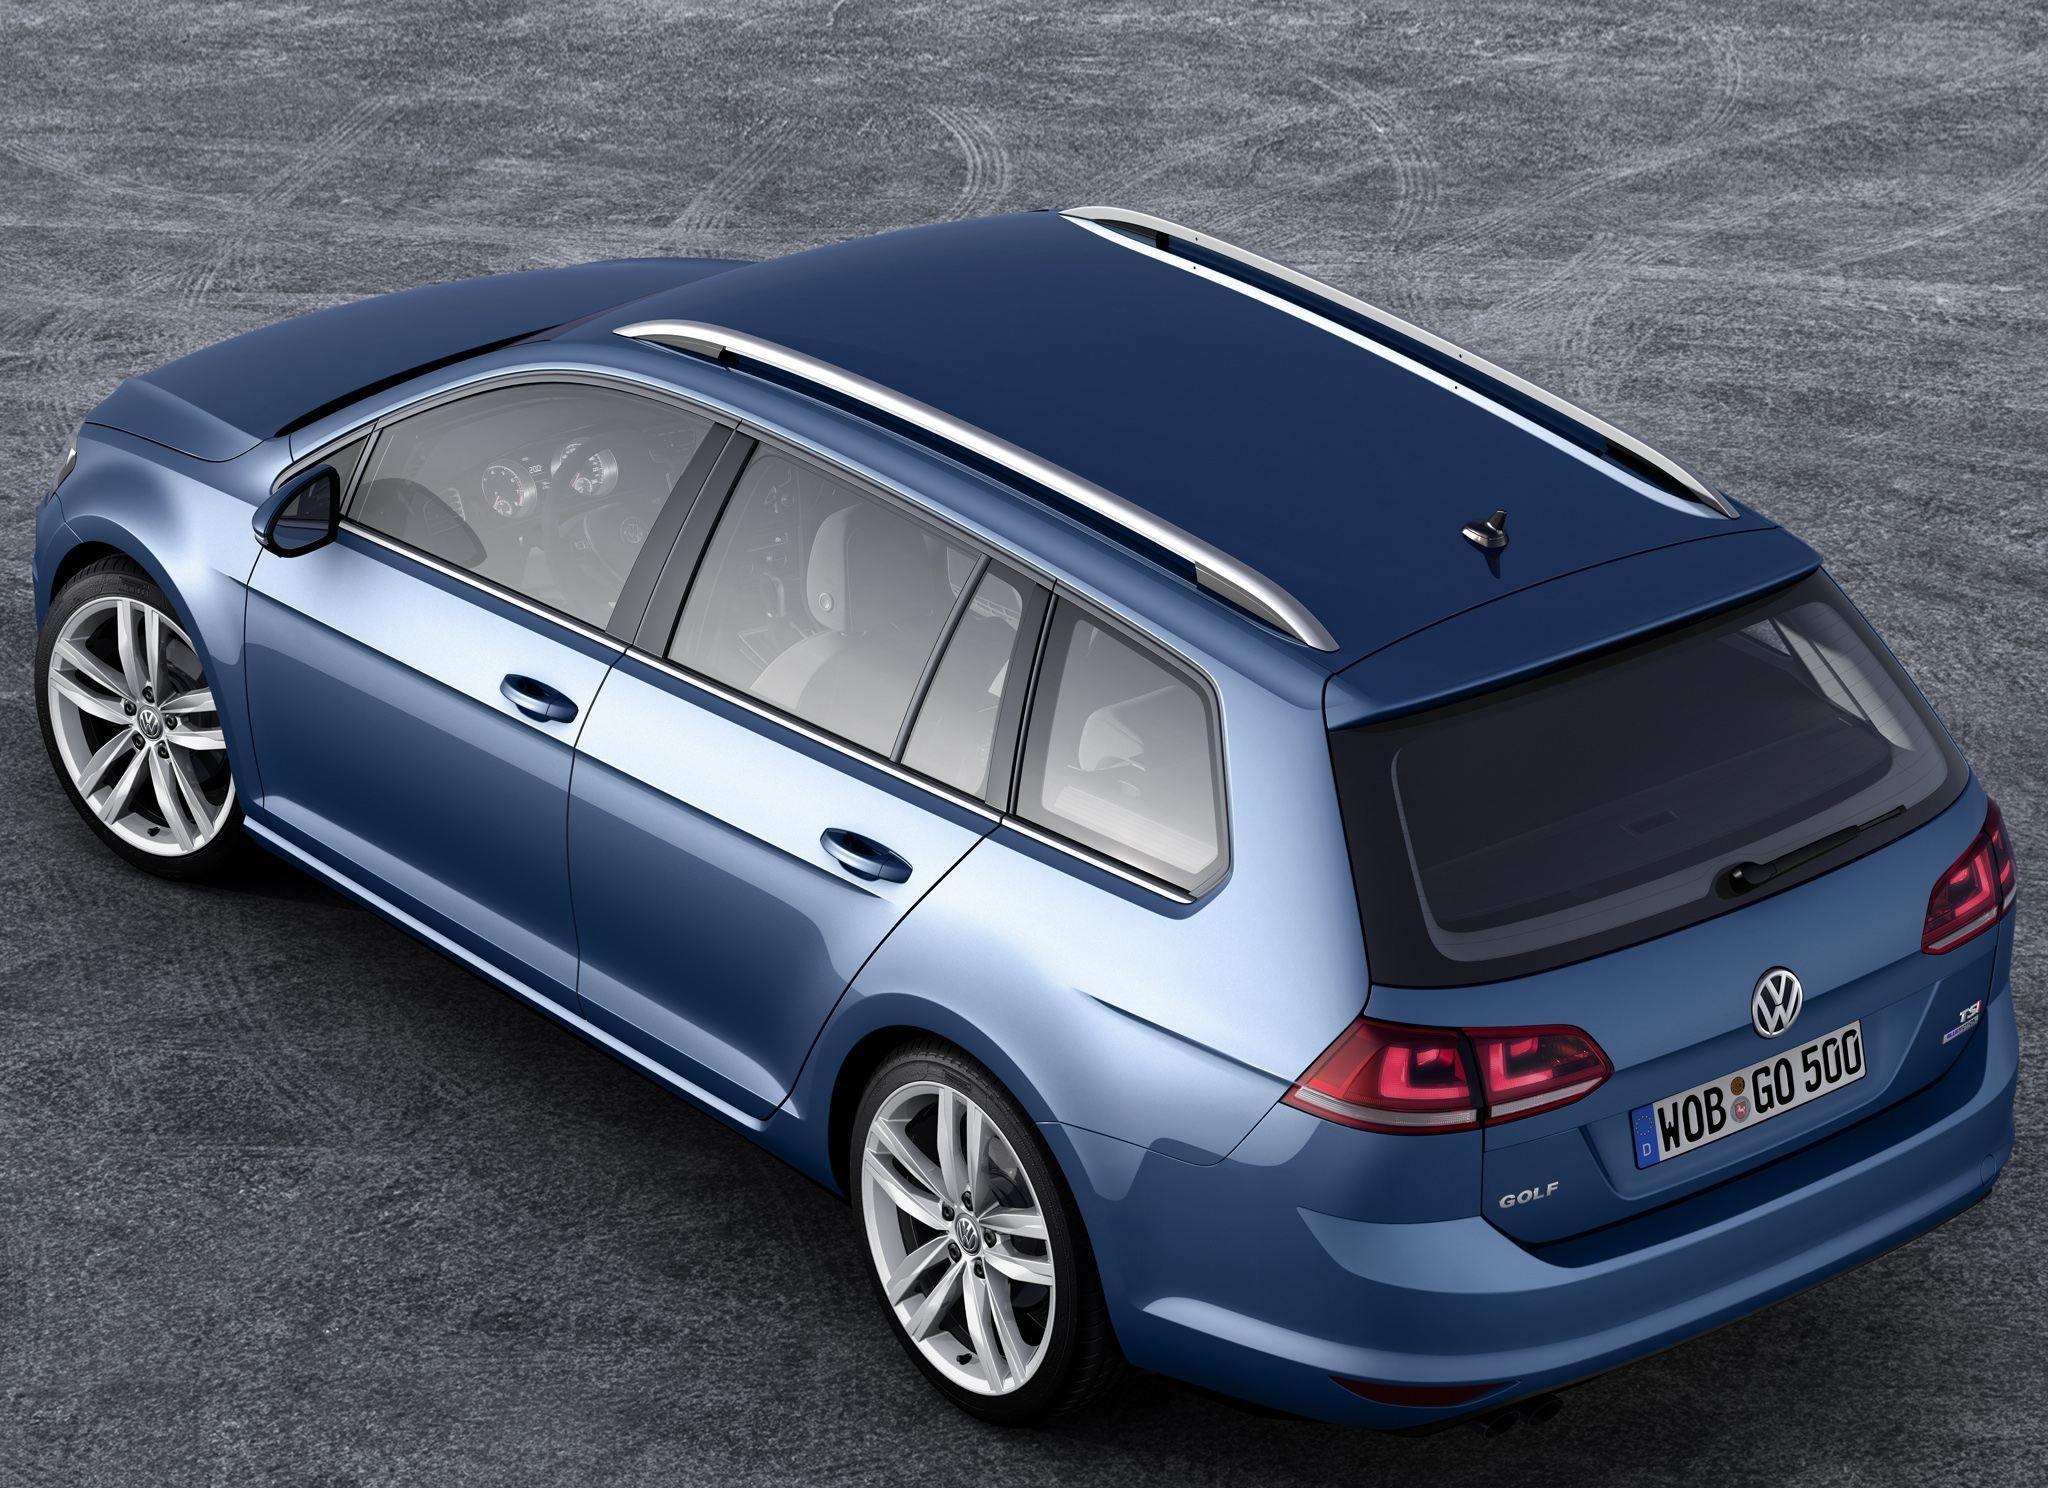 Volkswagen Golf Hd Background